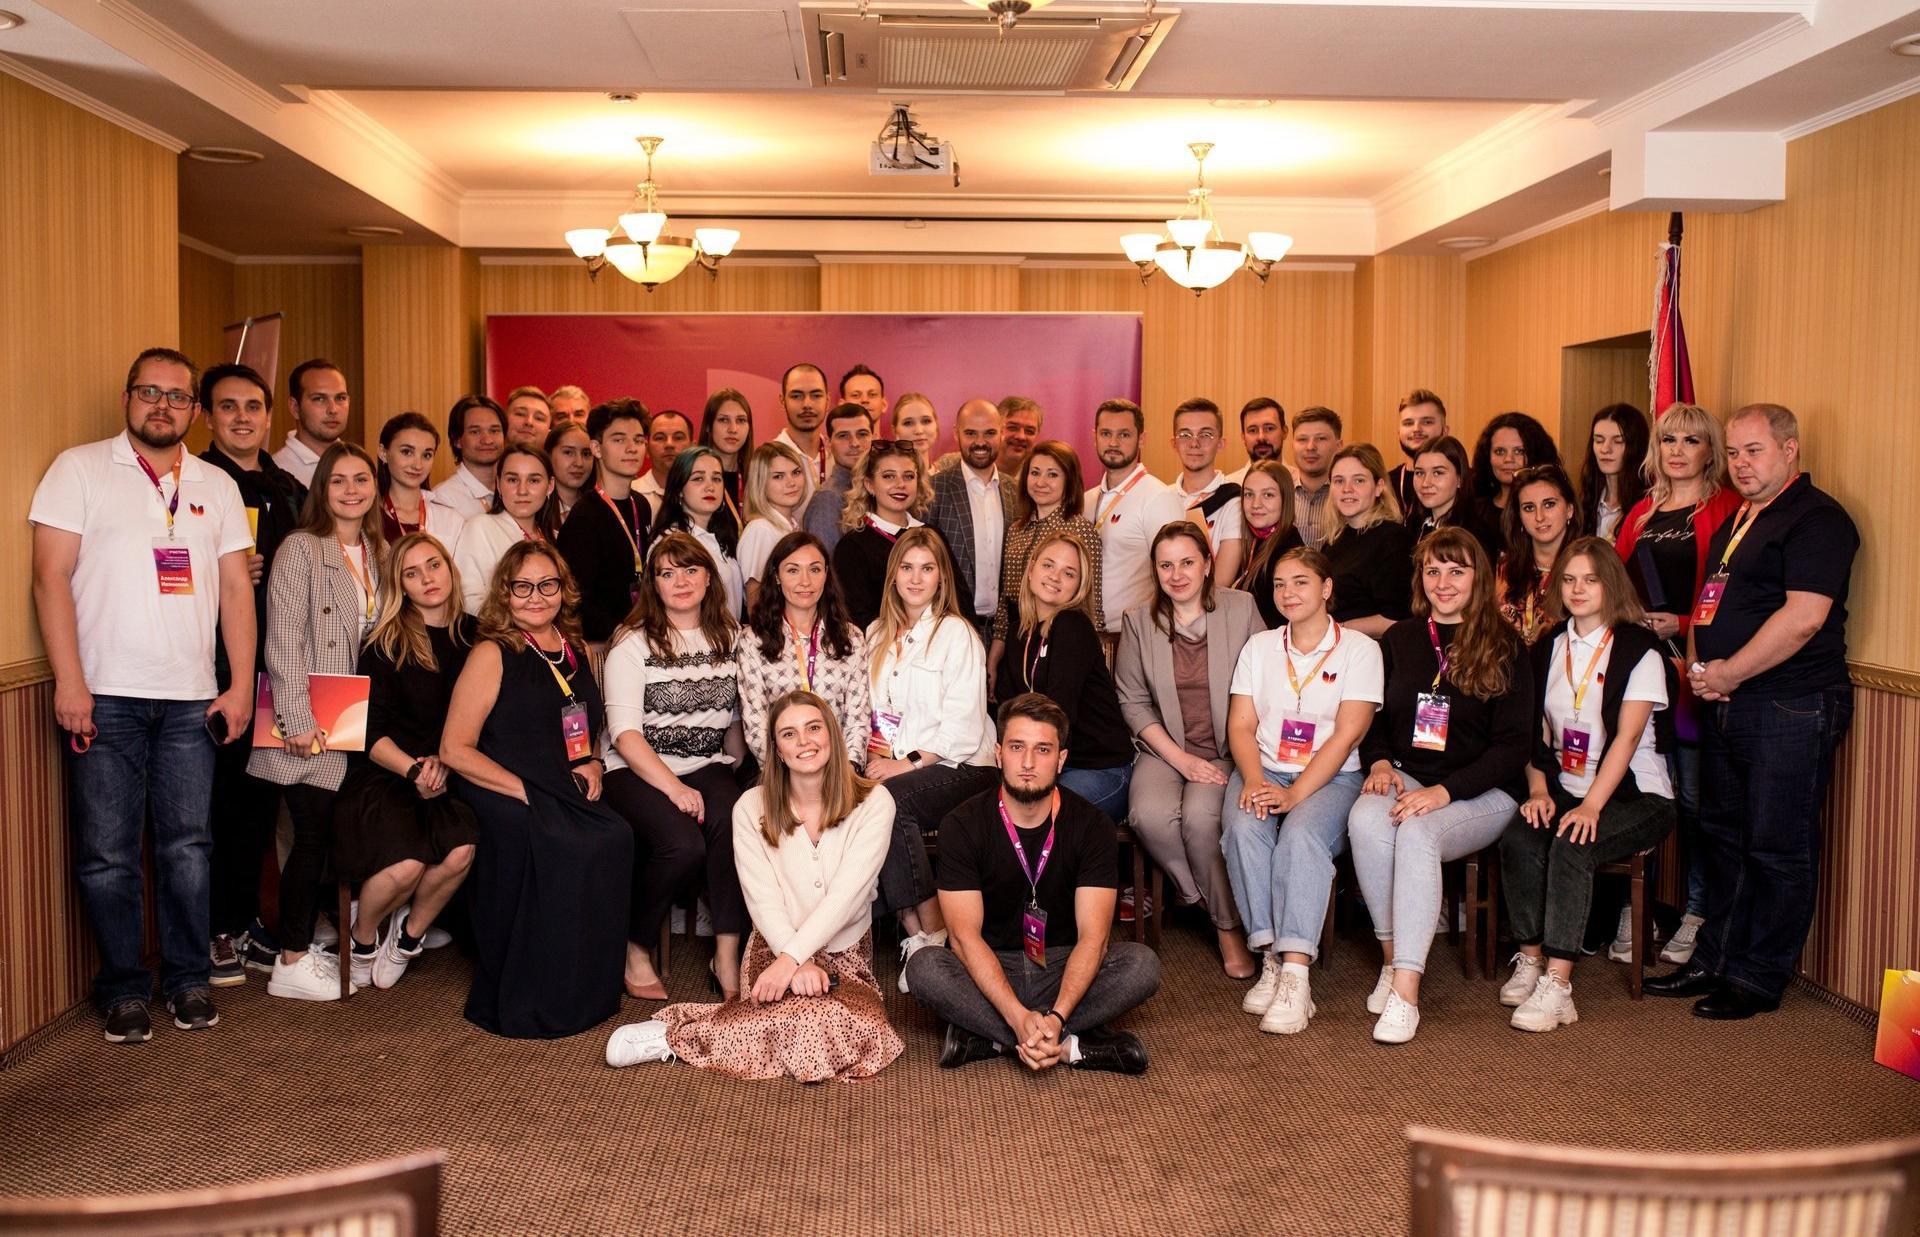 ТвГТУ принял участие в первом съезде Ассоциации студенческих патриотических клубов «Я горжусь» - новости Афанасий